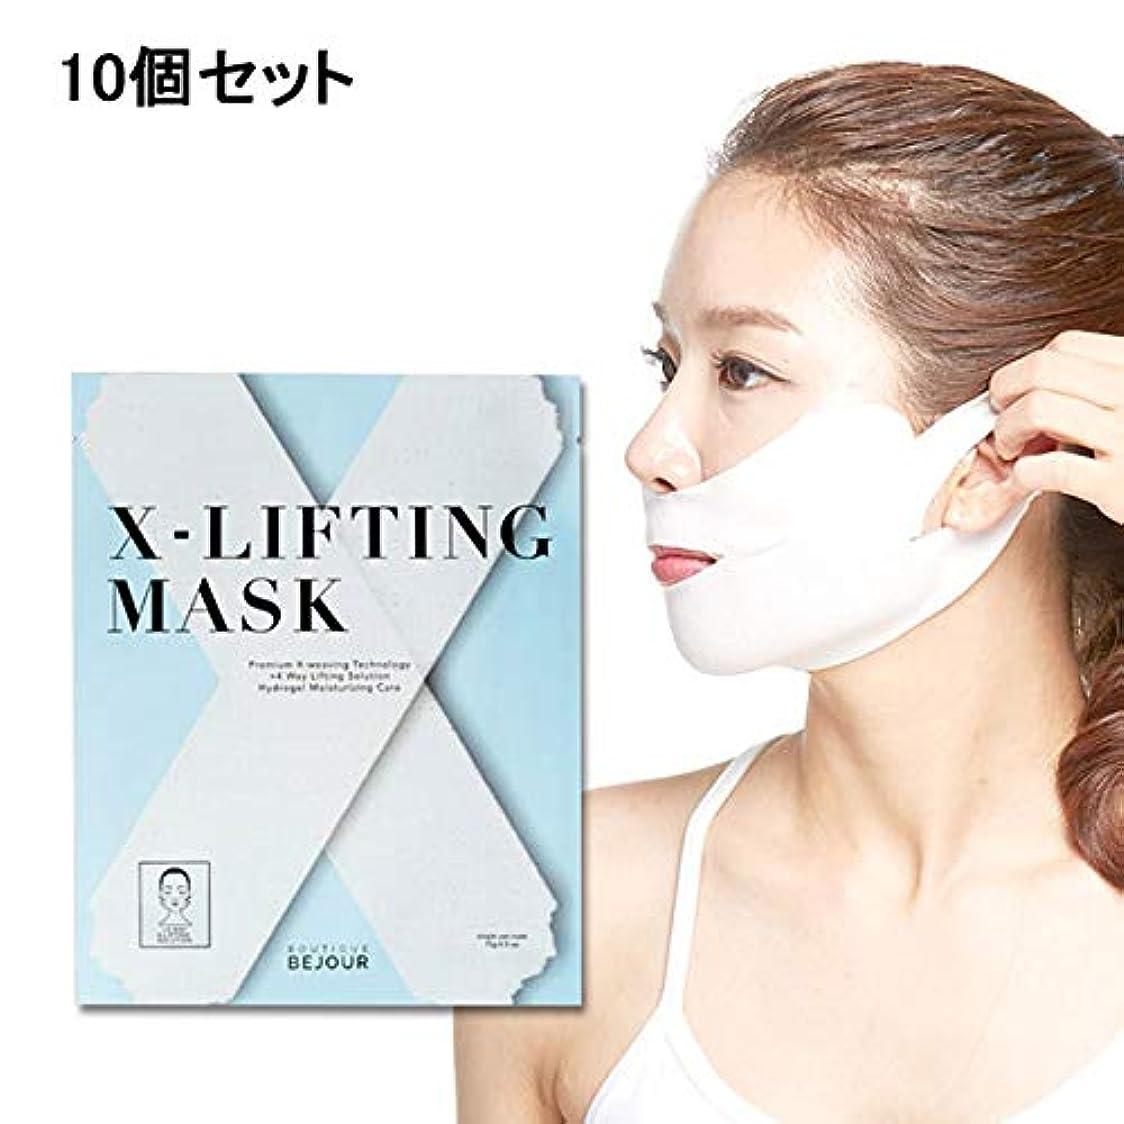 取り替える範囲気晴らし< ビジュール > X-Lifting (エックスリフティング) マスク (10個セット) [ リフトアップ フェイスマスク フェイスシート フェイスパック フェイシャルマスク シートマスク フェイシャルシート フェイシャルパック ローションマスク ローションパック 顔パック ]